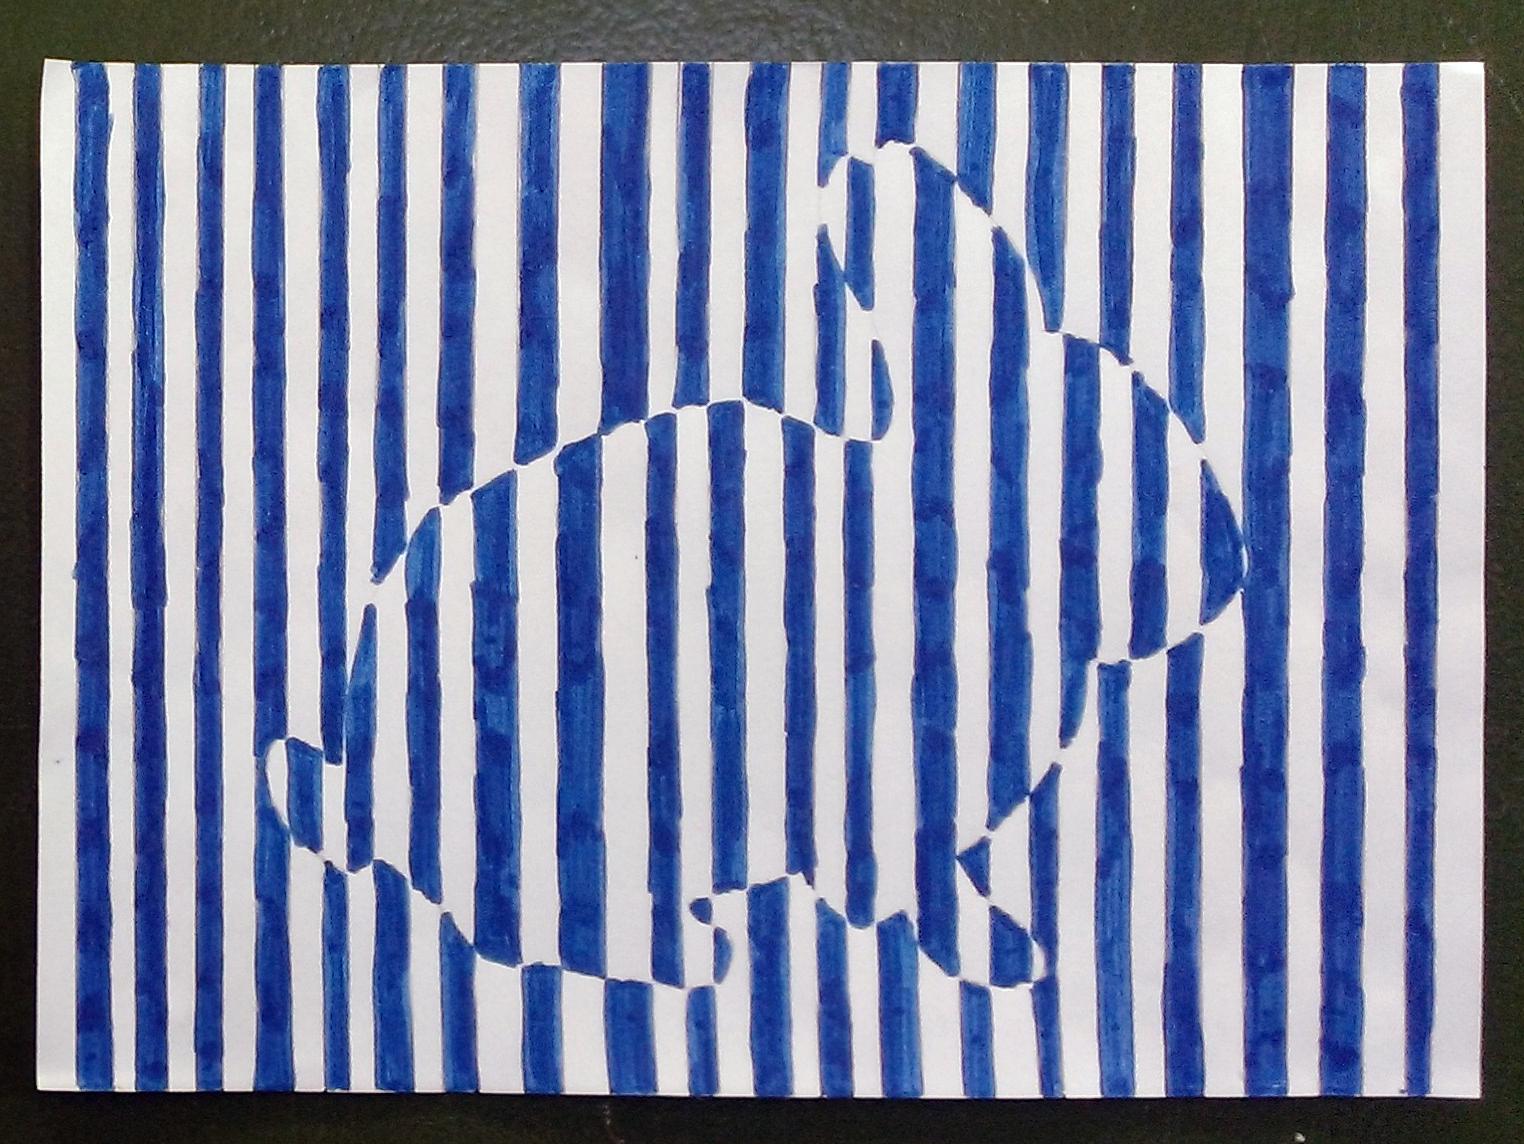 Un lapin en code barres  la mani¨re de Vasarely Un lapin en code barres  la mani¨re de Vasarely